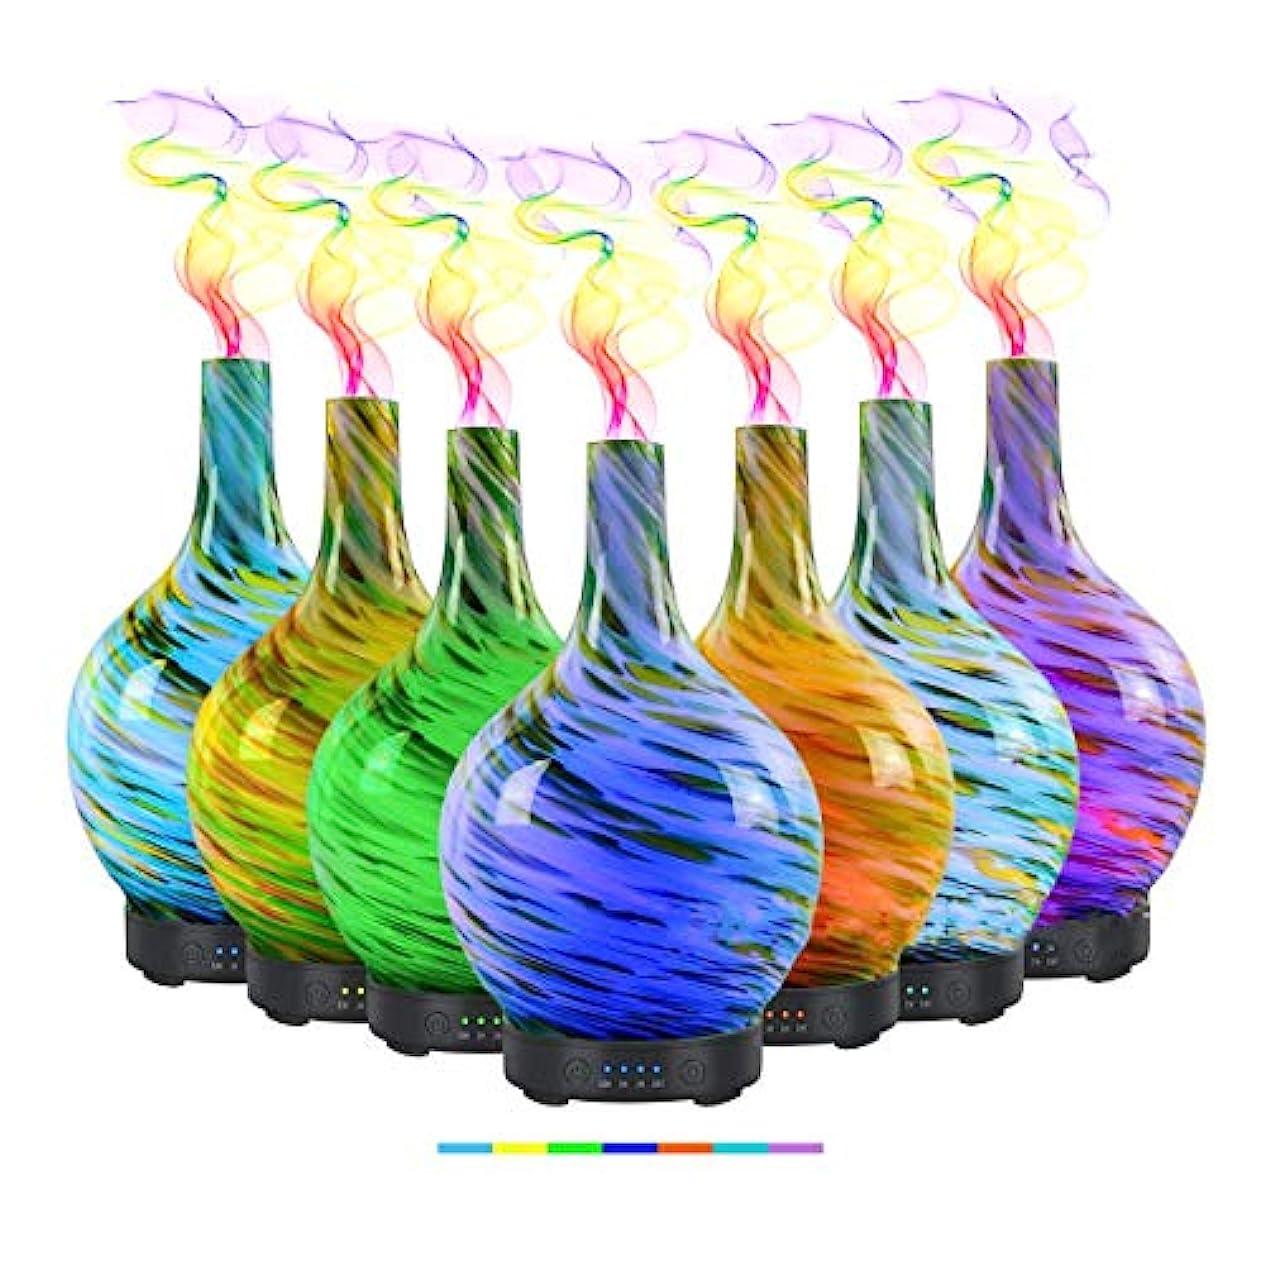 悪因子上向き偽ディフューザーエッセンシャルオイル (100ml)-3 d アートガラス葉海アロマ加湿器7色の変更 LED ライト & 4 タイマー設定、水なしの自動シャットオフ